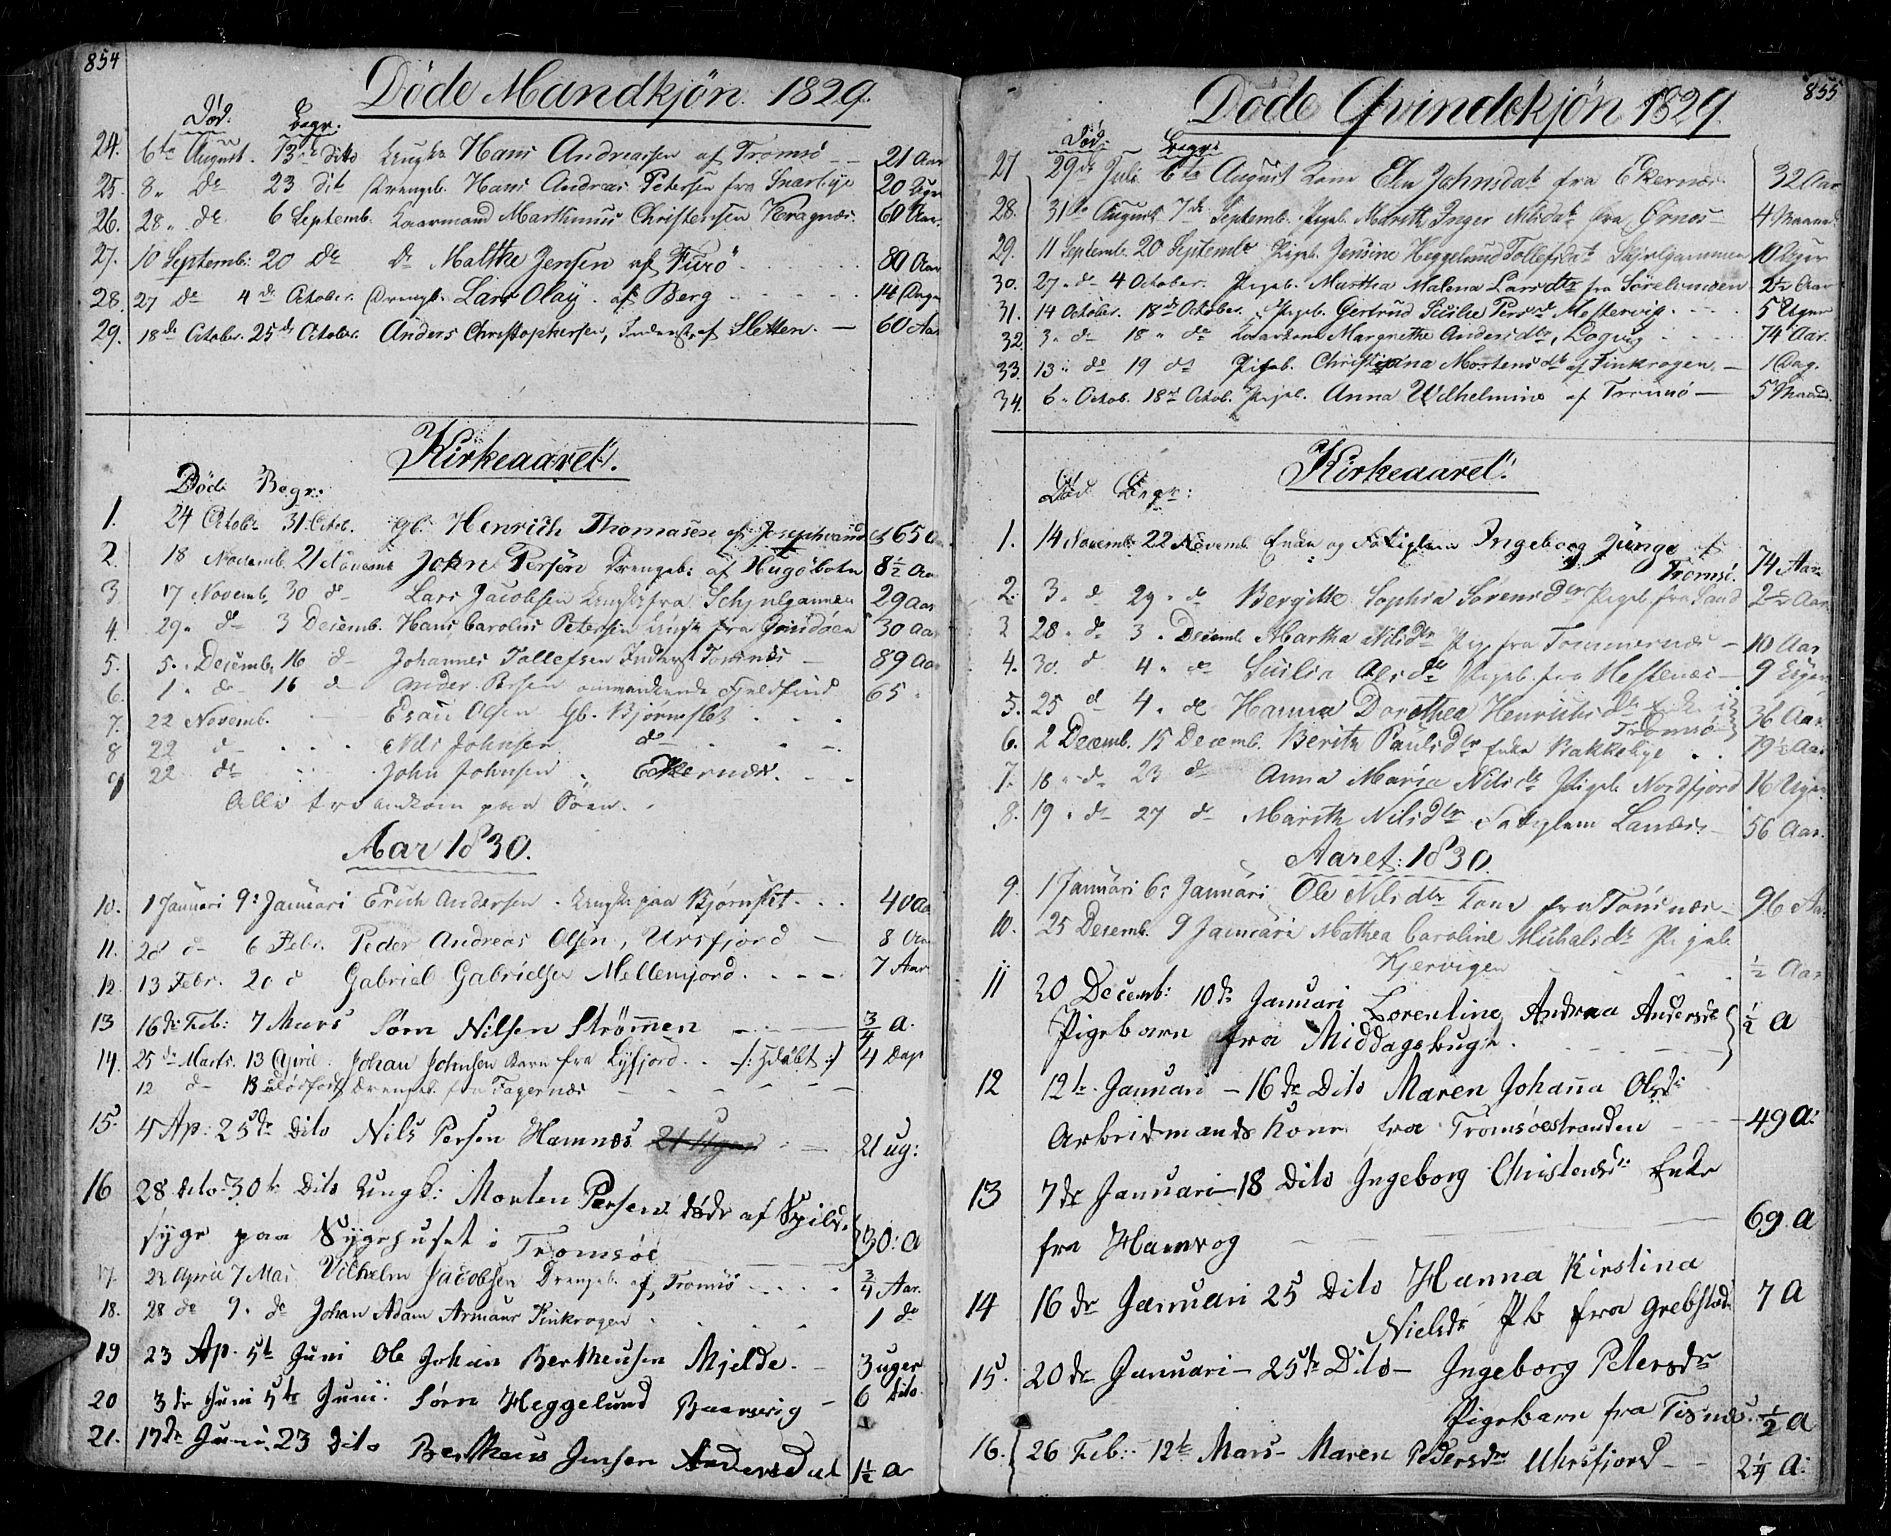 SATØ, Tromsø sokneprestkontor/stiftsprosti/domprosti, G/Ga/L0008kirke: Ministerialbok nr. 8, 1829-1837, s. 854-855